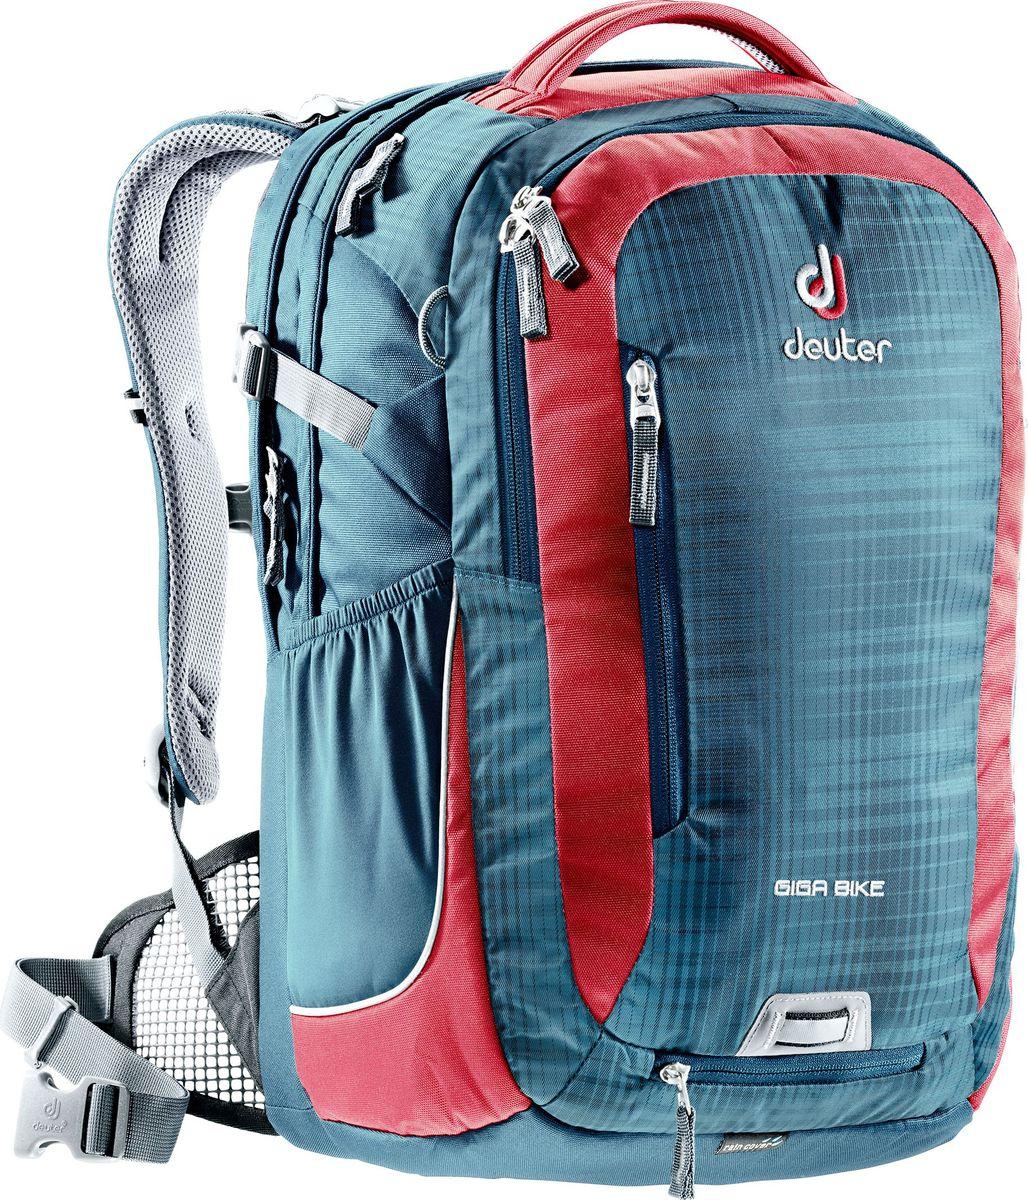 Рюкзак городской Deuter Giga Bike, цвет: красный, темно-синий, 32 лГризли- Просторное второе отделение под ноутбук 17,3 дюймов- спинка Airstripes для великолепной вентиляции- очень комфортные, эргономичные, мягкие плечевые лямки- главное отделение размером папки для бумаг- большой передний карман с органайзером- съемный карабинчик для ключей- передний карман на молнии- дно имеет мягкую подкладку- утягивающие компрессионные стропы- удобная ручка для переноски- съемный поясной ремень- нагрудная стропа с плавной регулировкой- эластичные боковые карманы- фиксатор для габаритного фонарика с отражателем 3МВес: 1030 гОбъем: 32 лРазмеры: 47 x 35 x 27 смОтсек для ноутбука: 41 x 30 x 5 смМатериал: Super-Polytex.